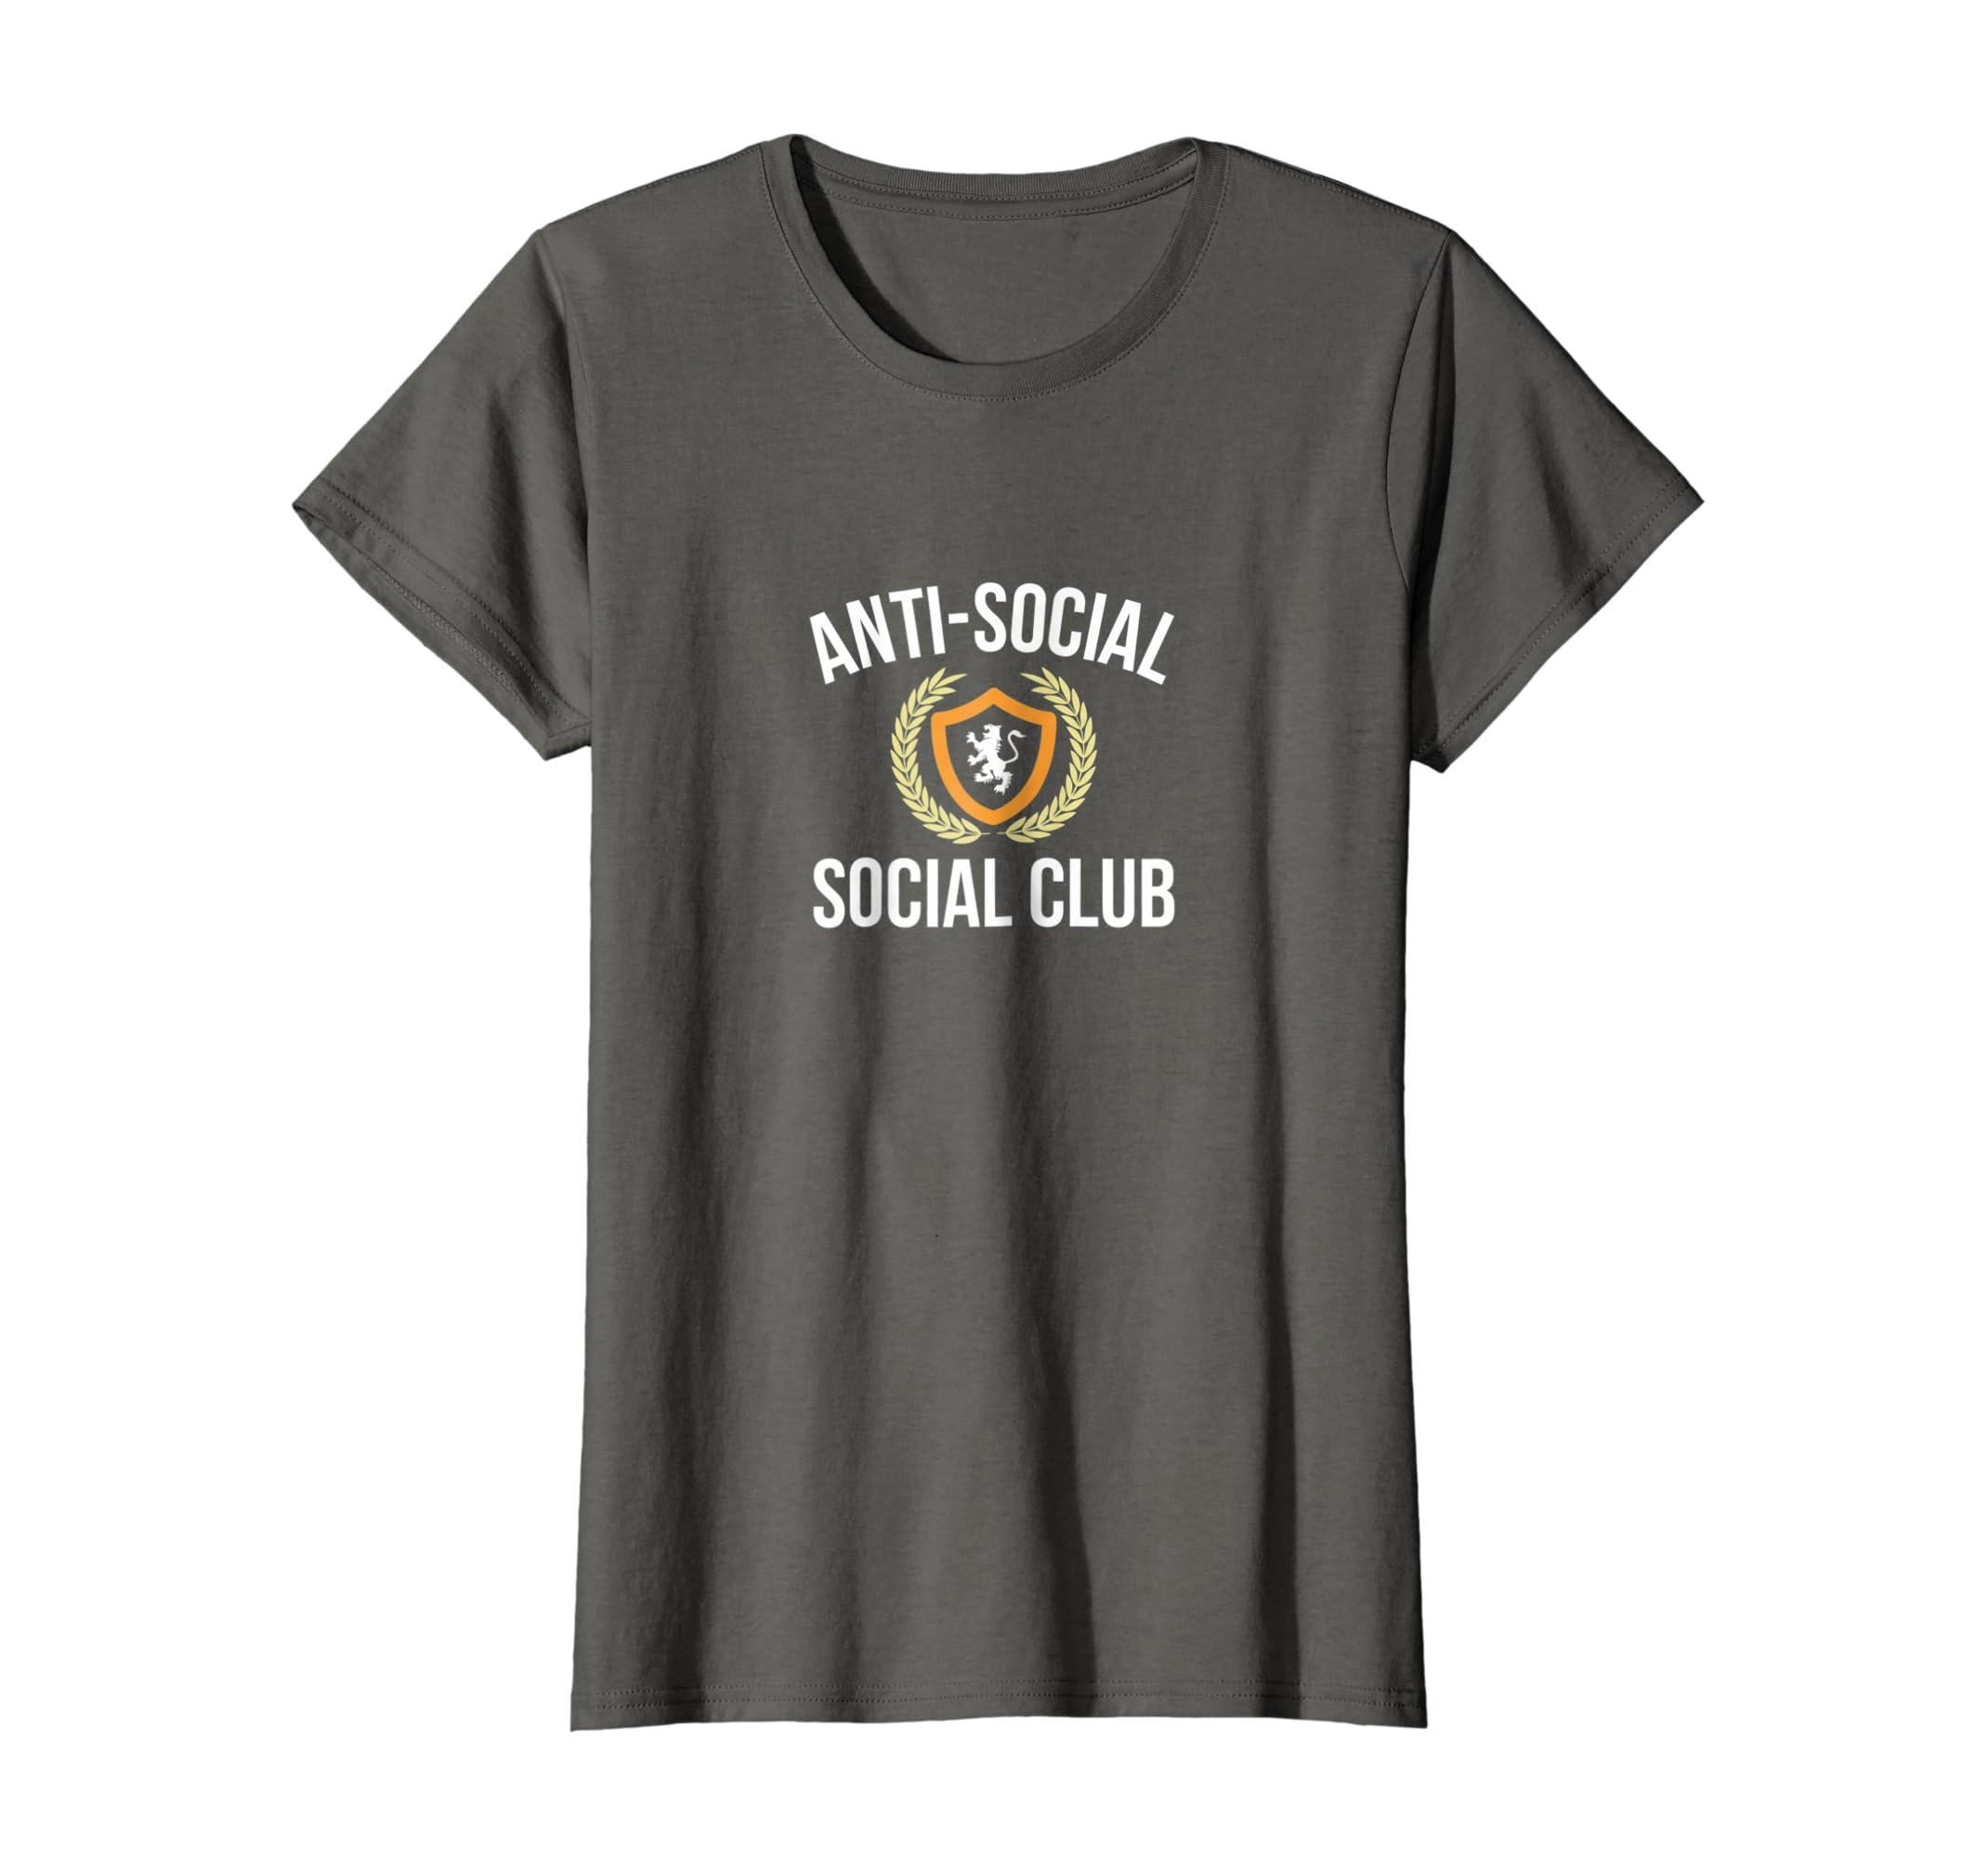 5ae766aebadb Amazon.com  Anti-Social - Social Club - T-shirt  Clothing